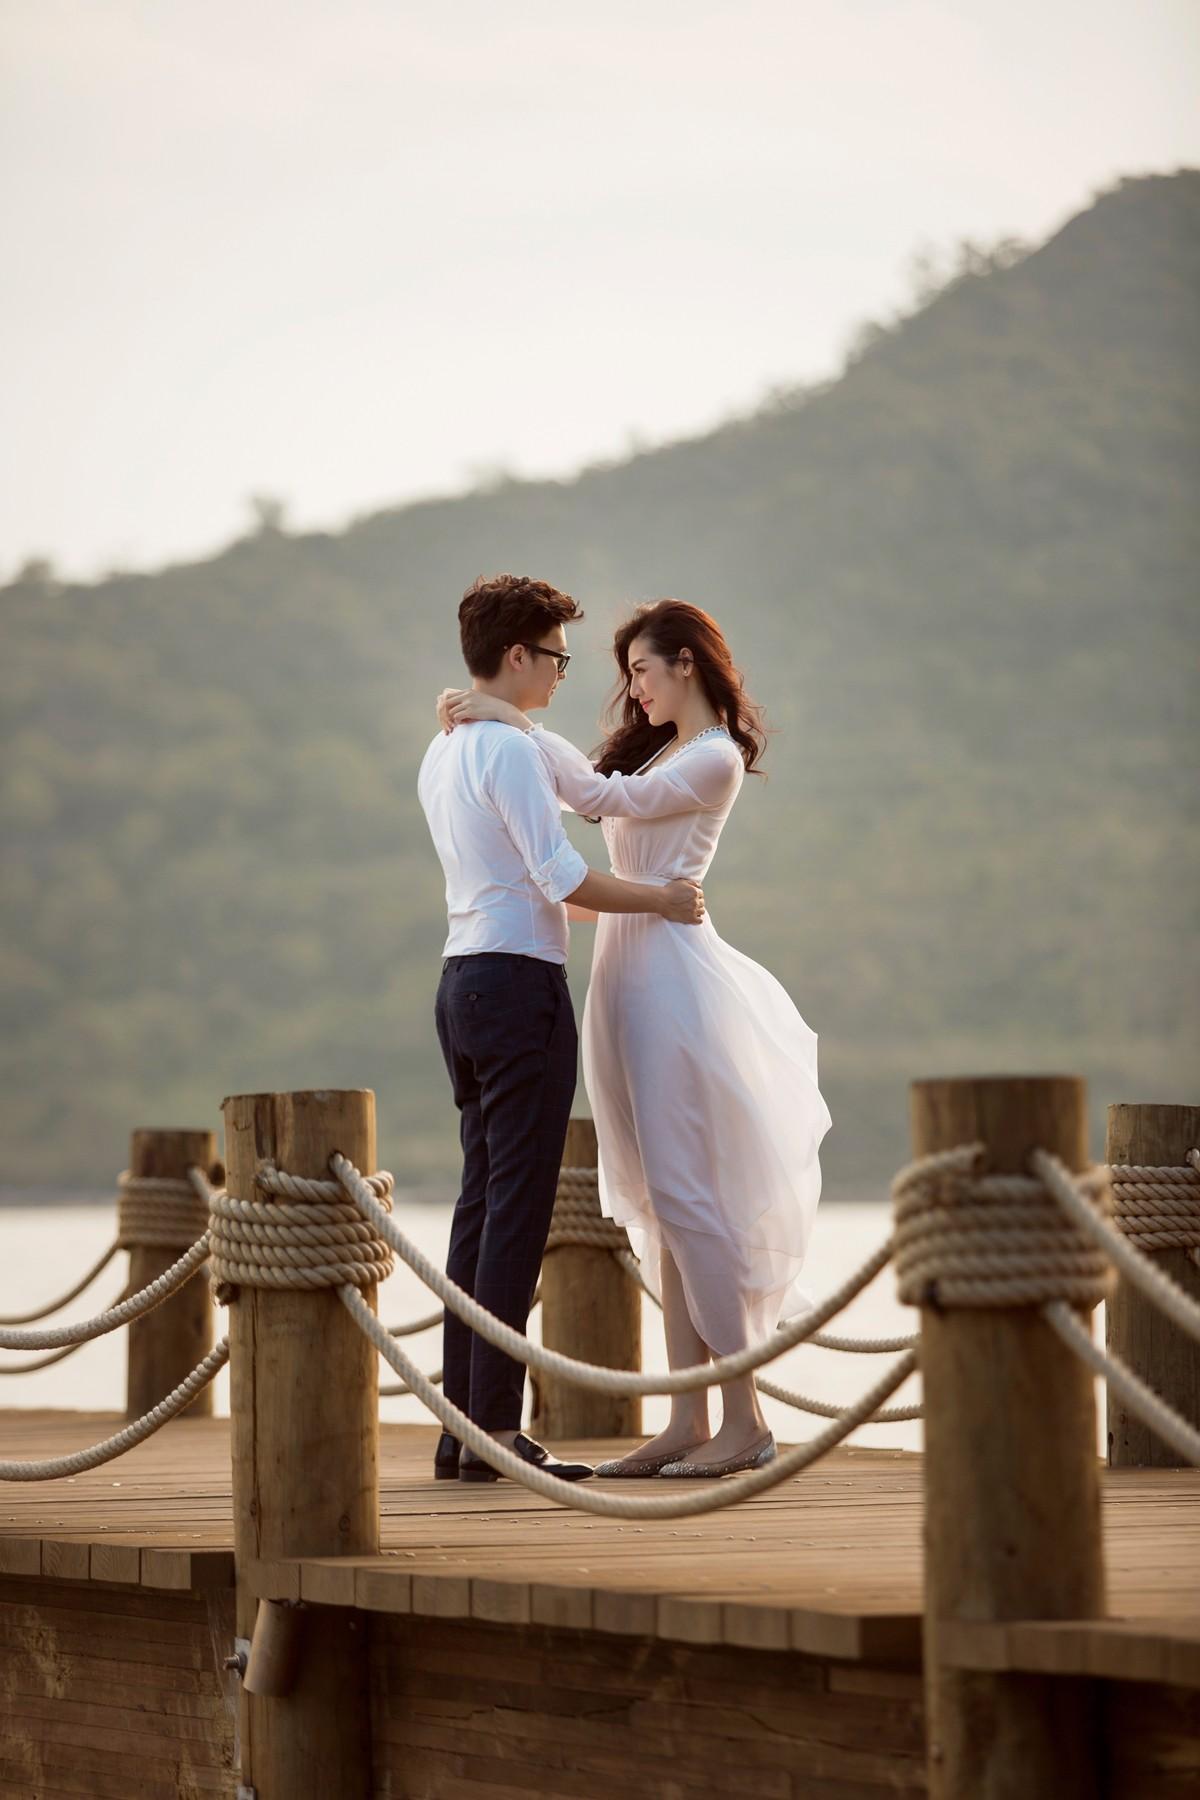 Trước ngày cưới 2 ngày, Á hậu Tú Anh khoe loạt ảnh cưới sang chảnh ngoài biển - Ảnh 7.